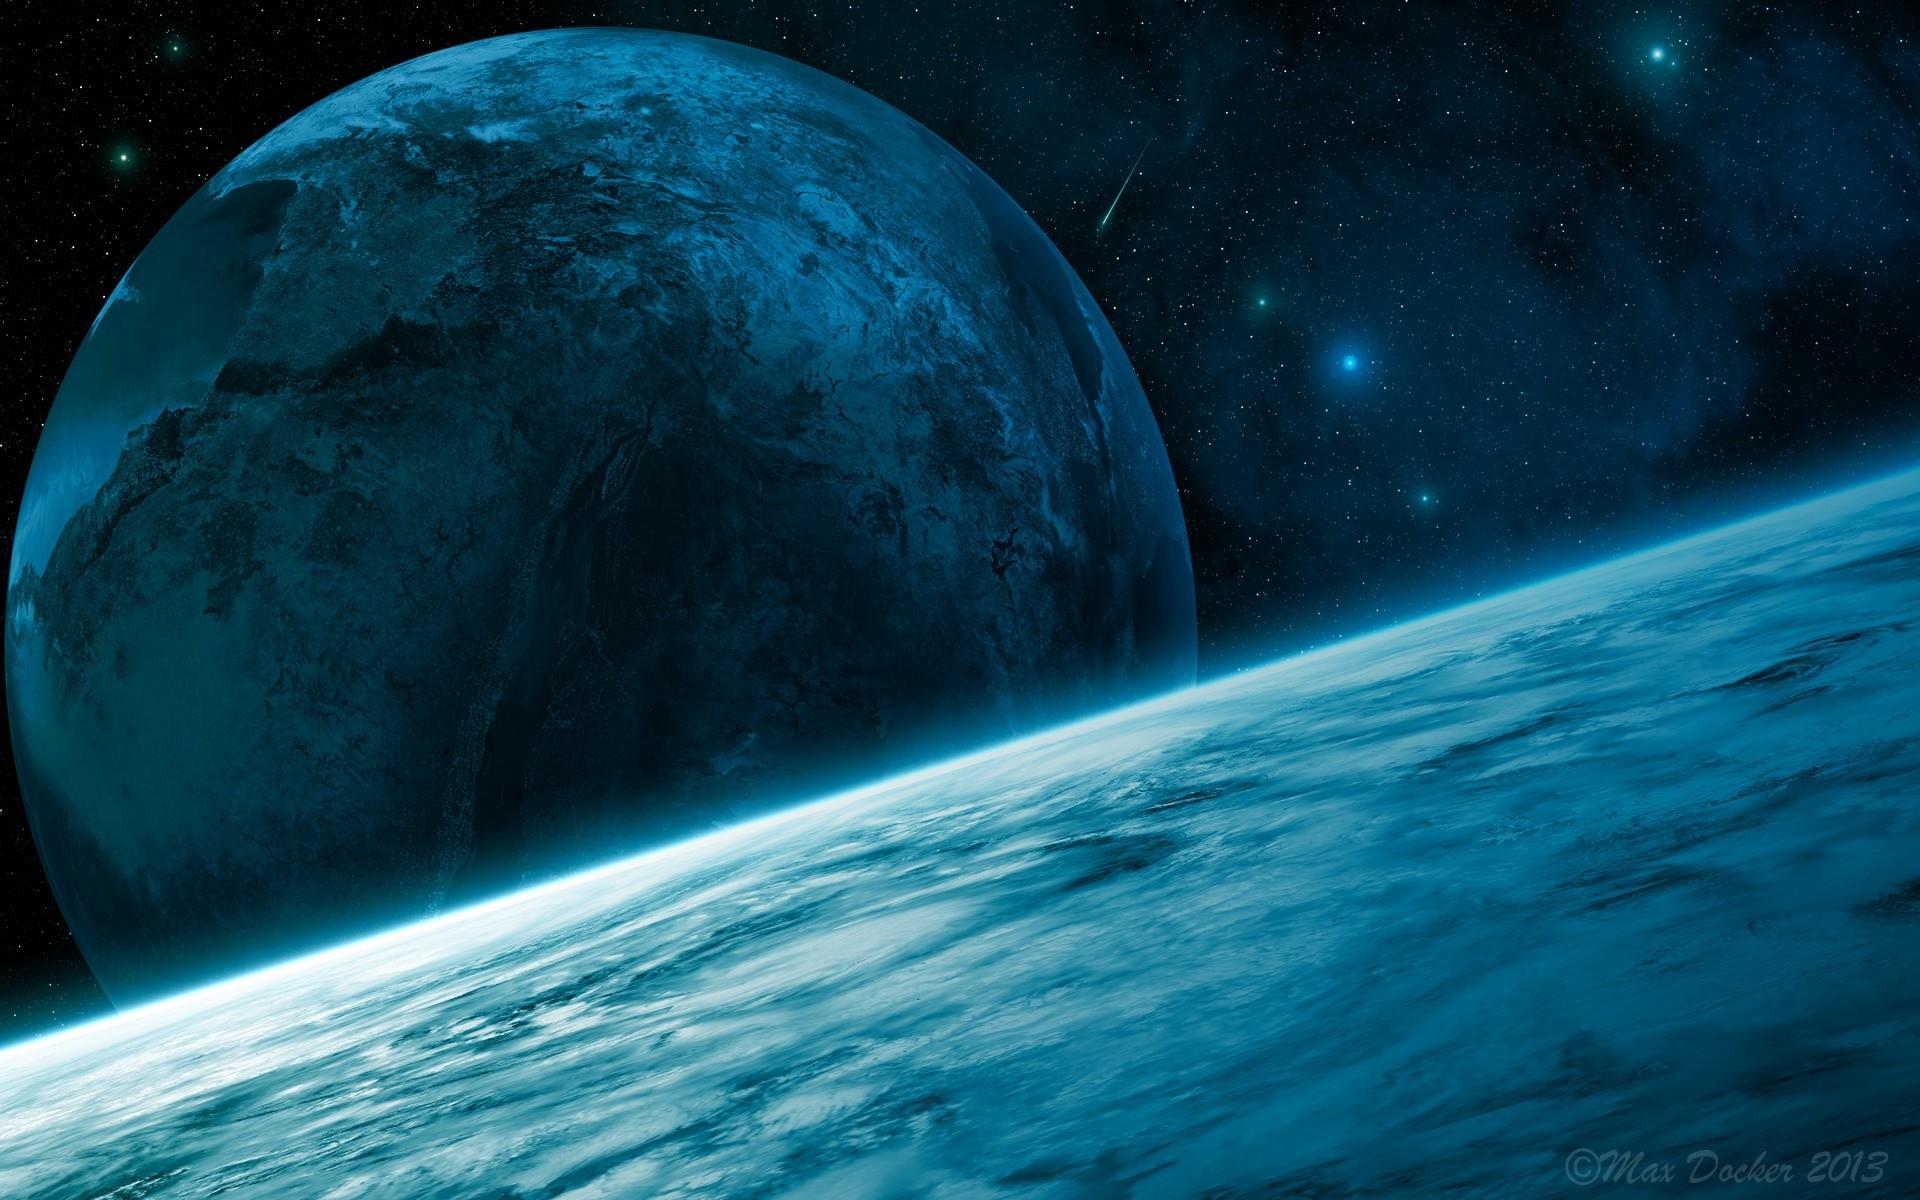 Обои Скалы планеты вода звезда картинки на рабочий стол на тему Космос - скачать  № 3553883 бесплатно